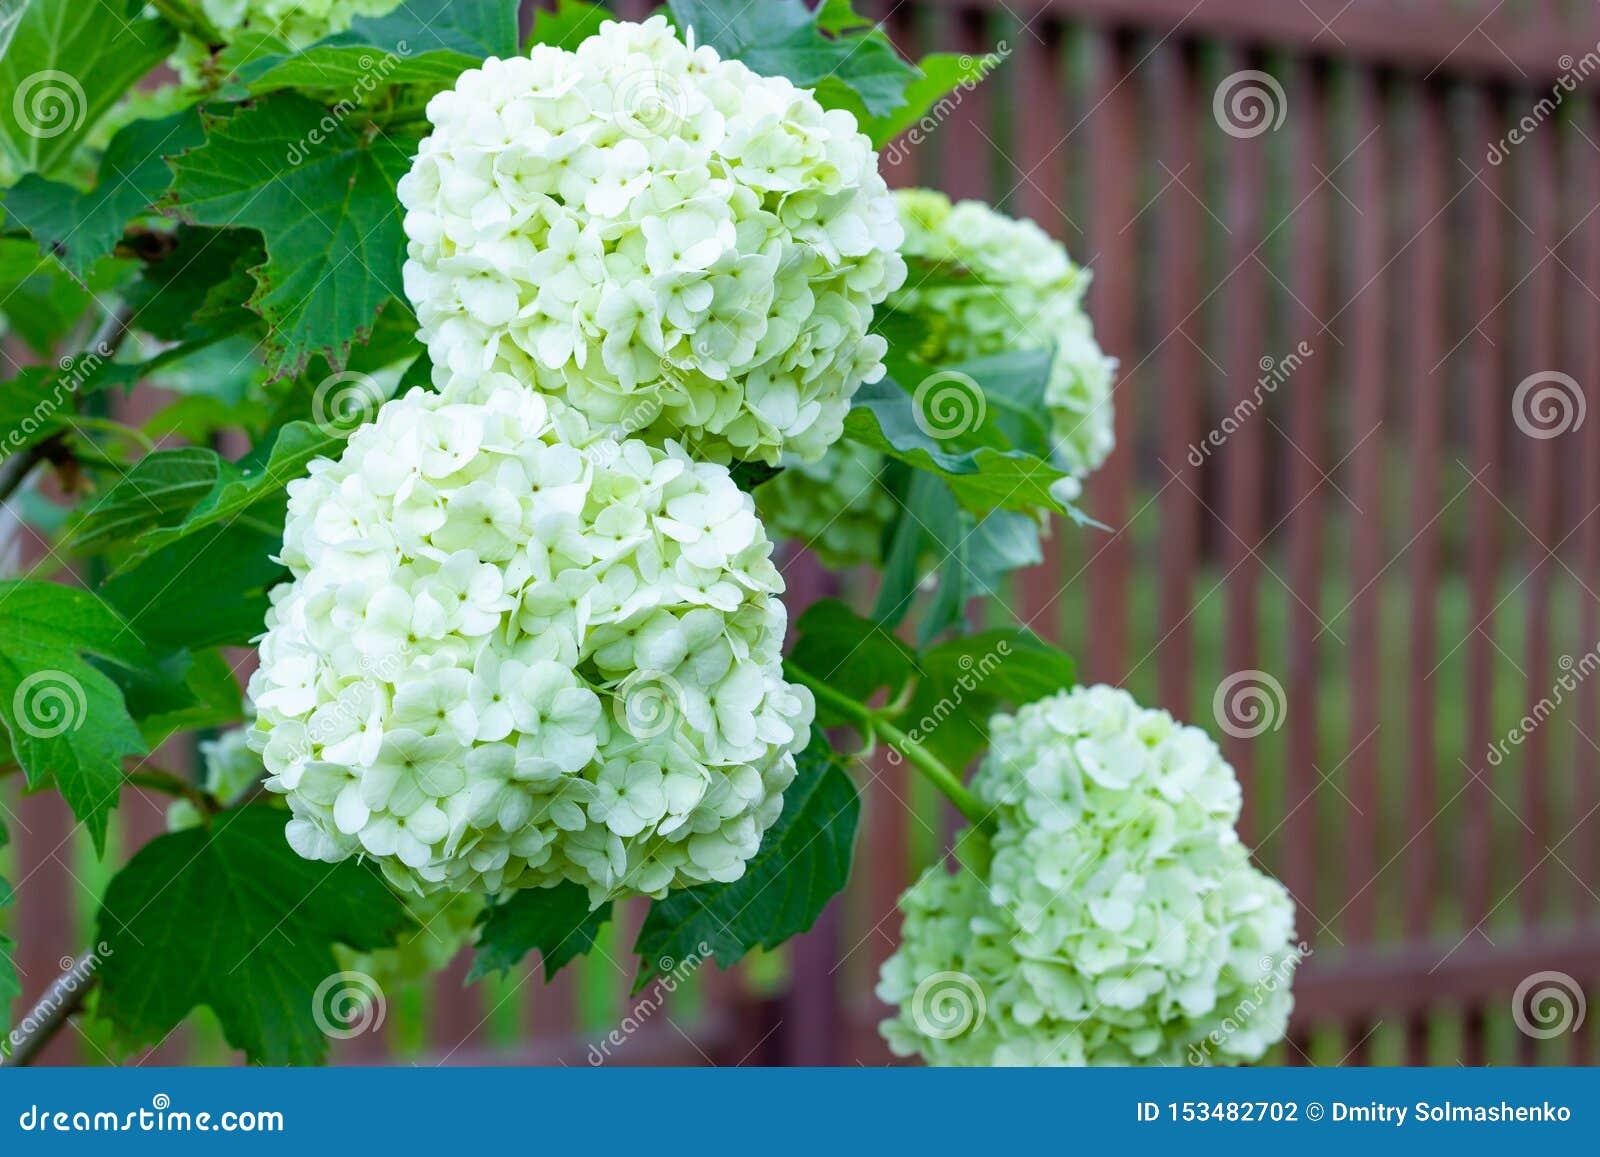 Viburnum de floraison dans le jardin, boules blanches florales sur un buisson de viburnum am?nagement